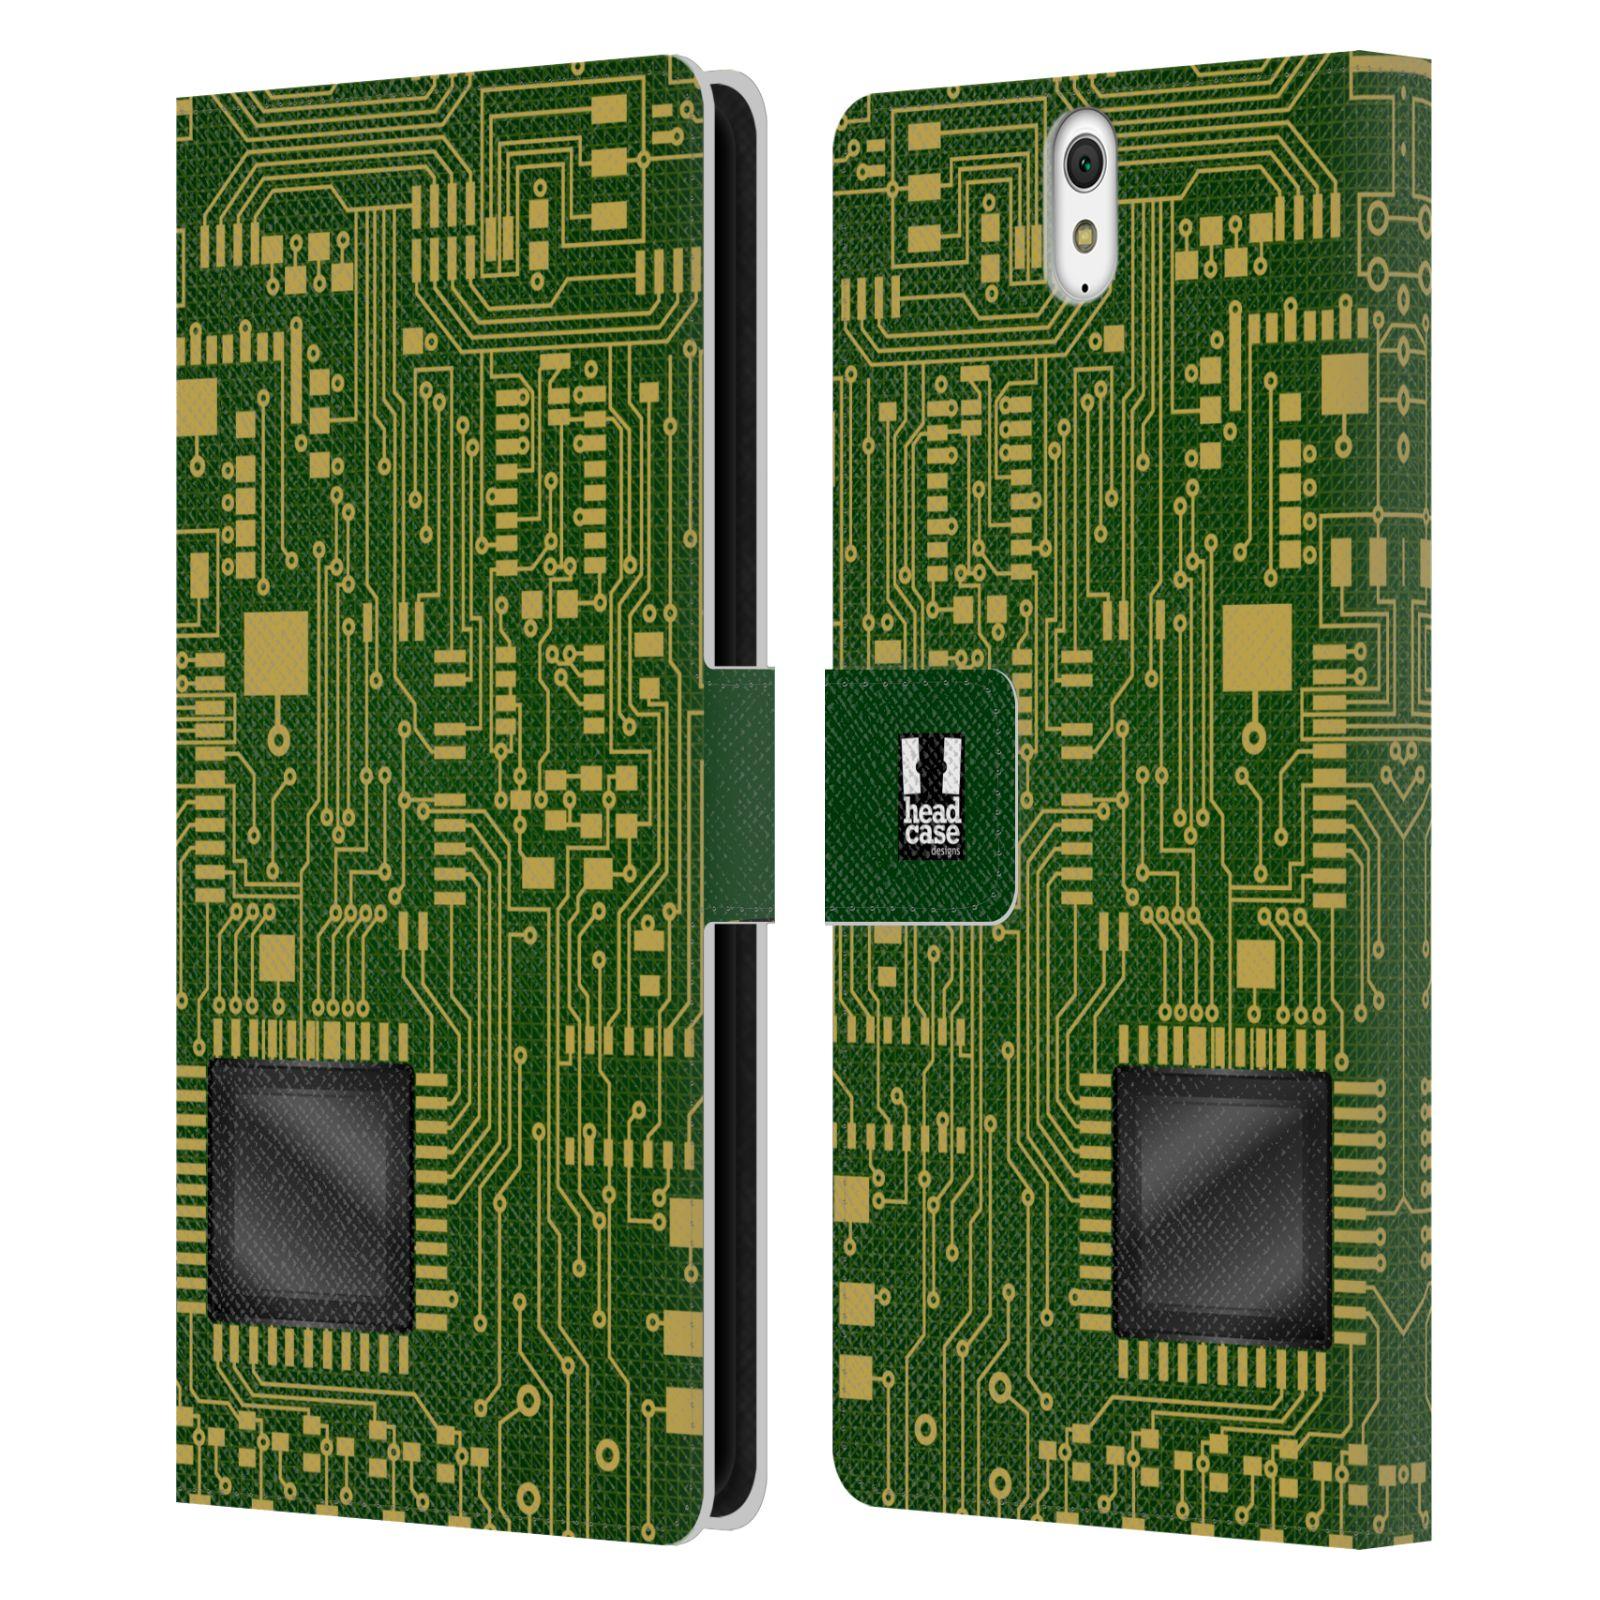 HEAD CASE Flipové pouzdro pro mobil SONY XPERIA C5 Ultra počítač základní deska zelená barva velký čip